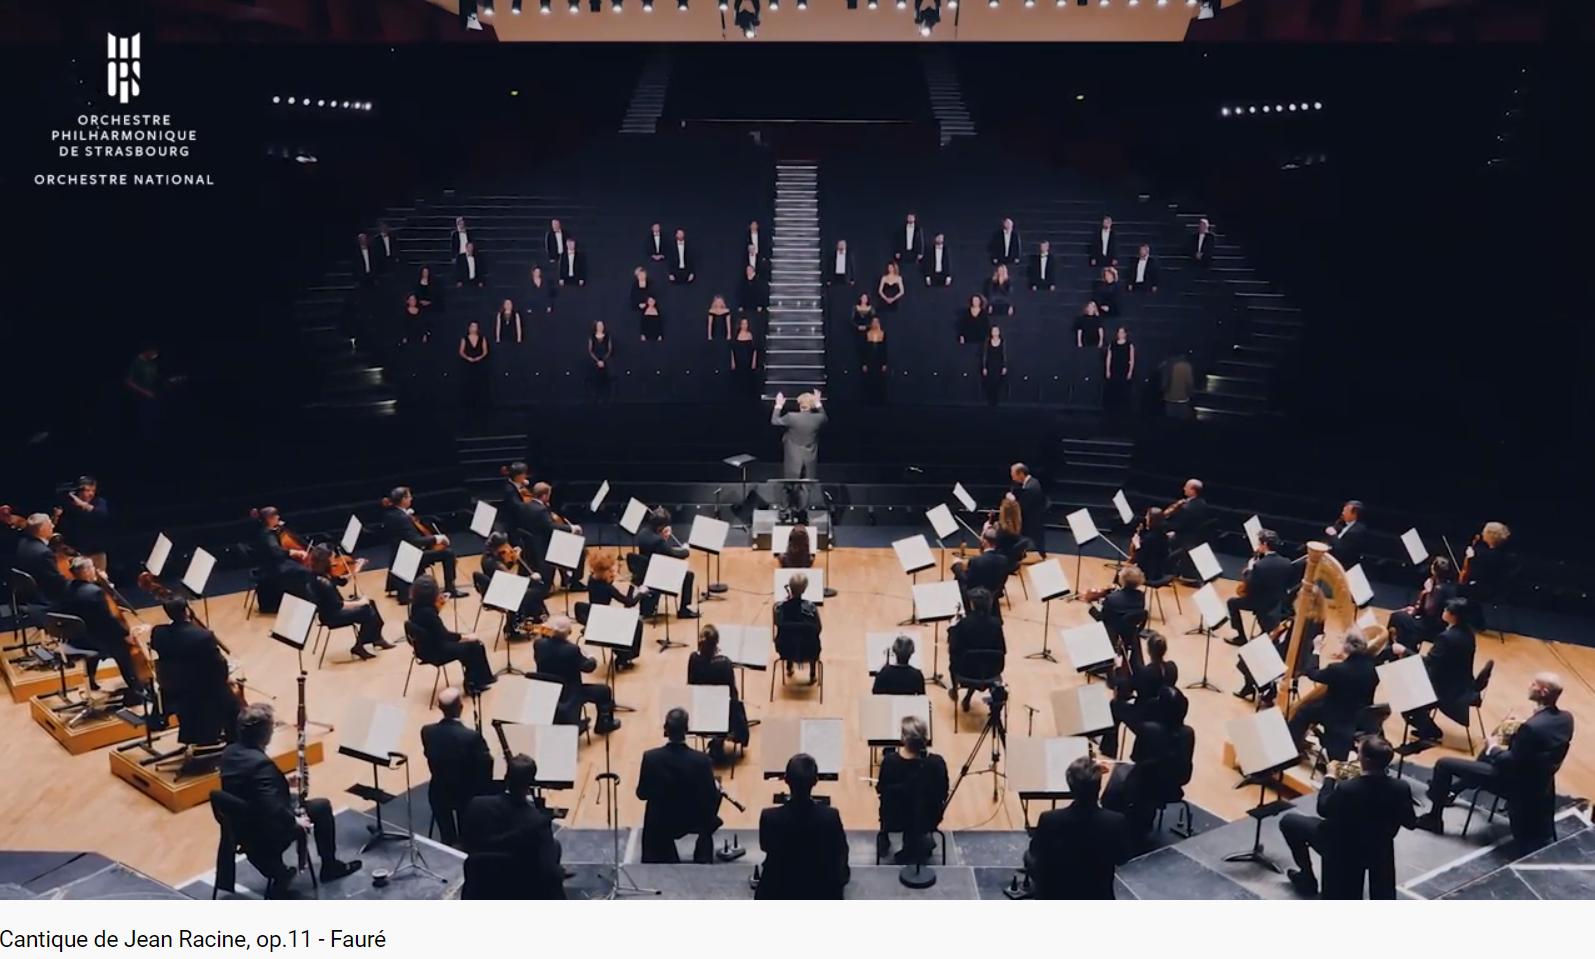 Fauré Cantique de Jean Racine opus 11